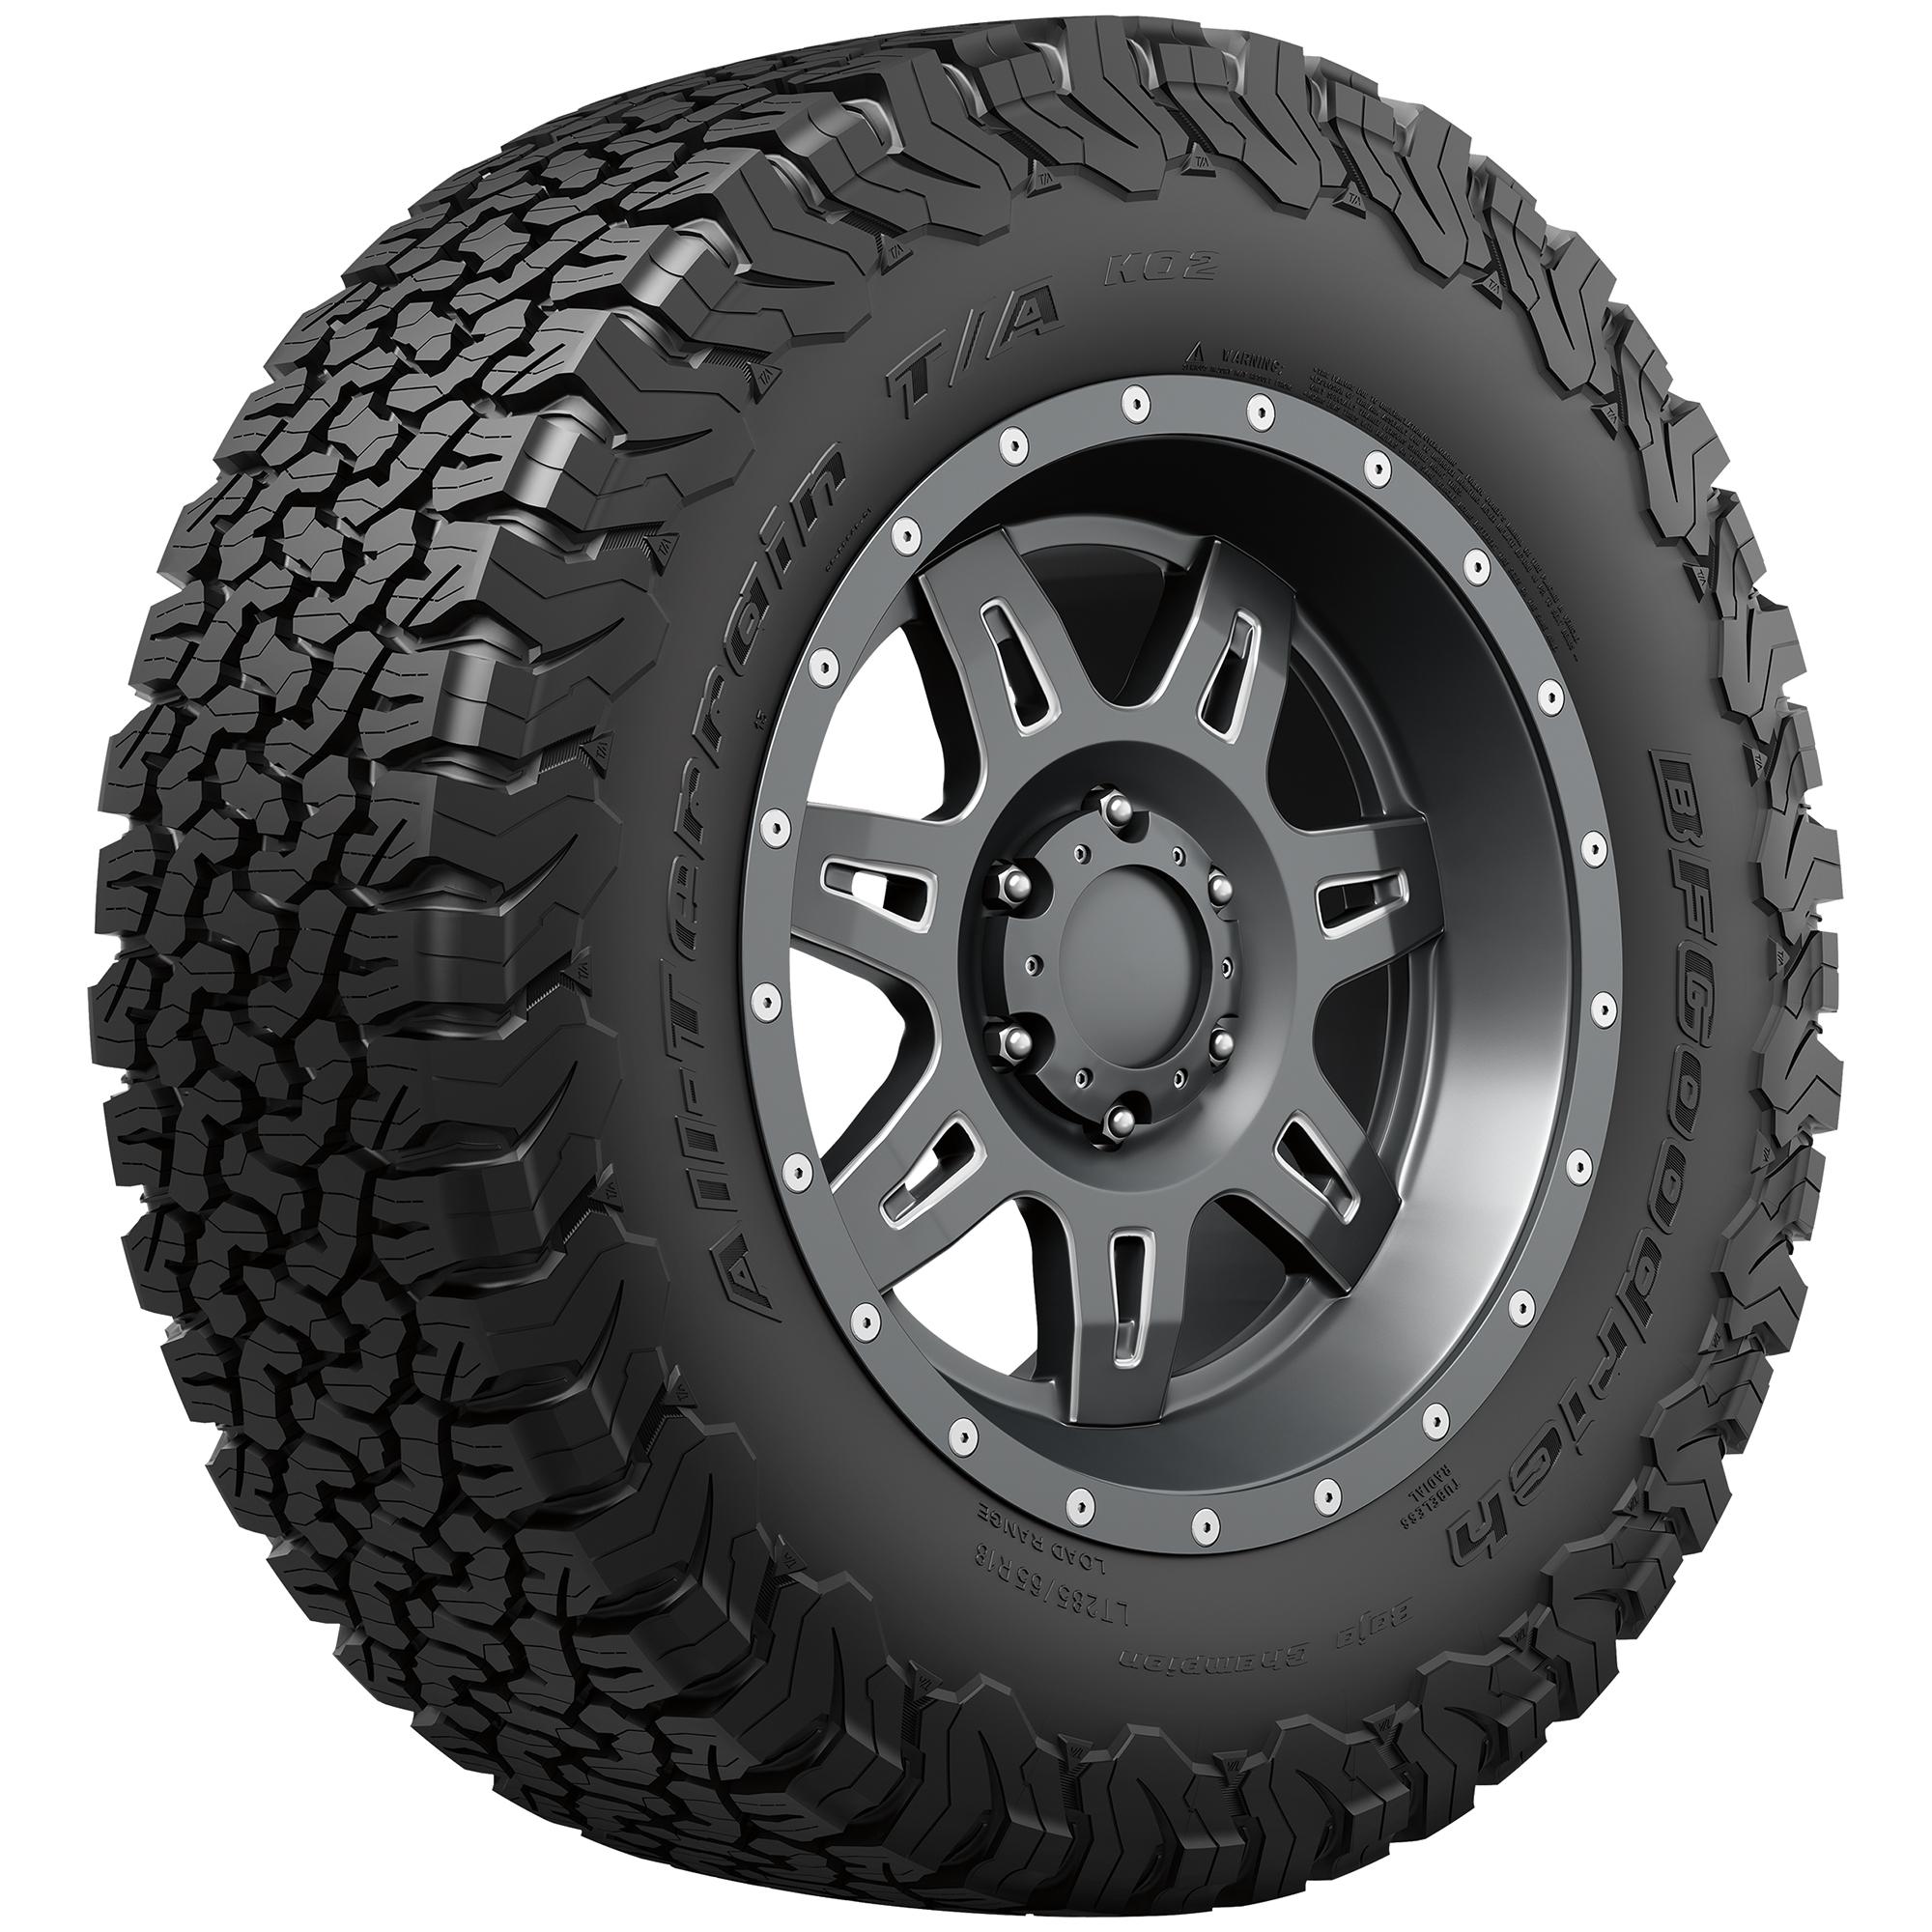 BFGoodrich All-Terrain T/A KO2 Tire LT285/70R17/E 121/118R